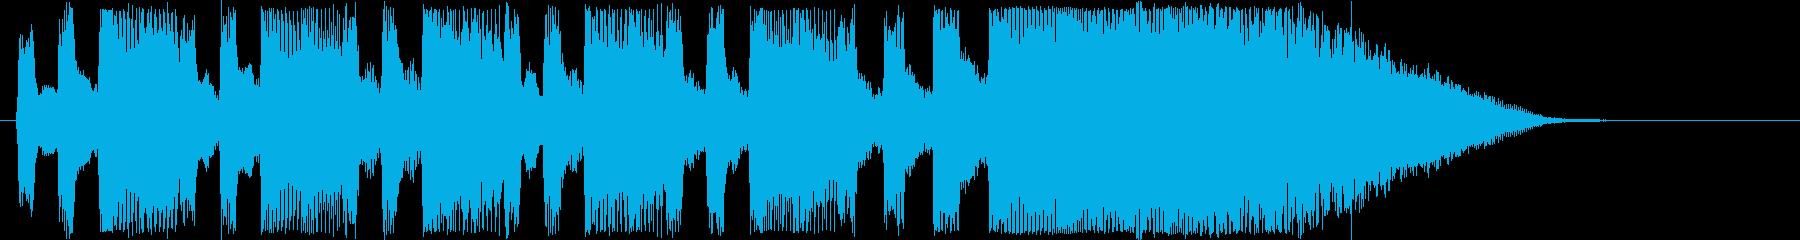 ドキドキ感のあるシンセサウンド短めの再生済みの波形